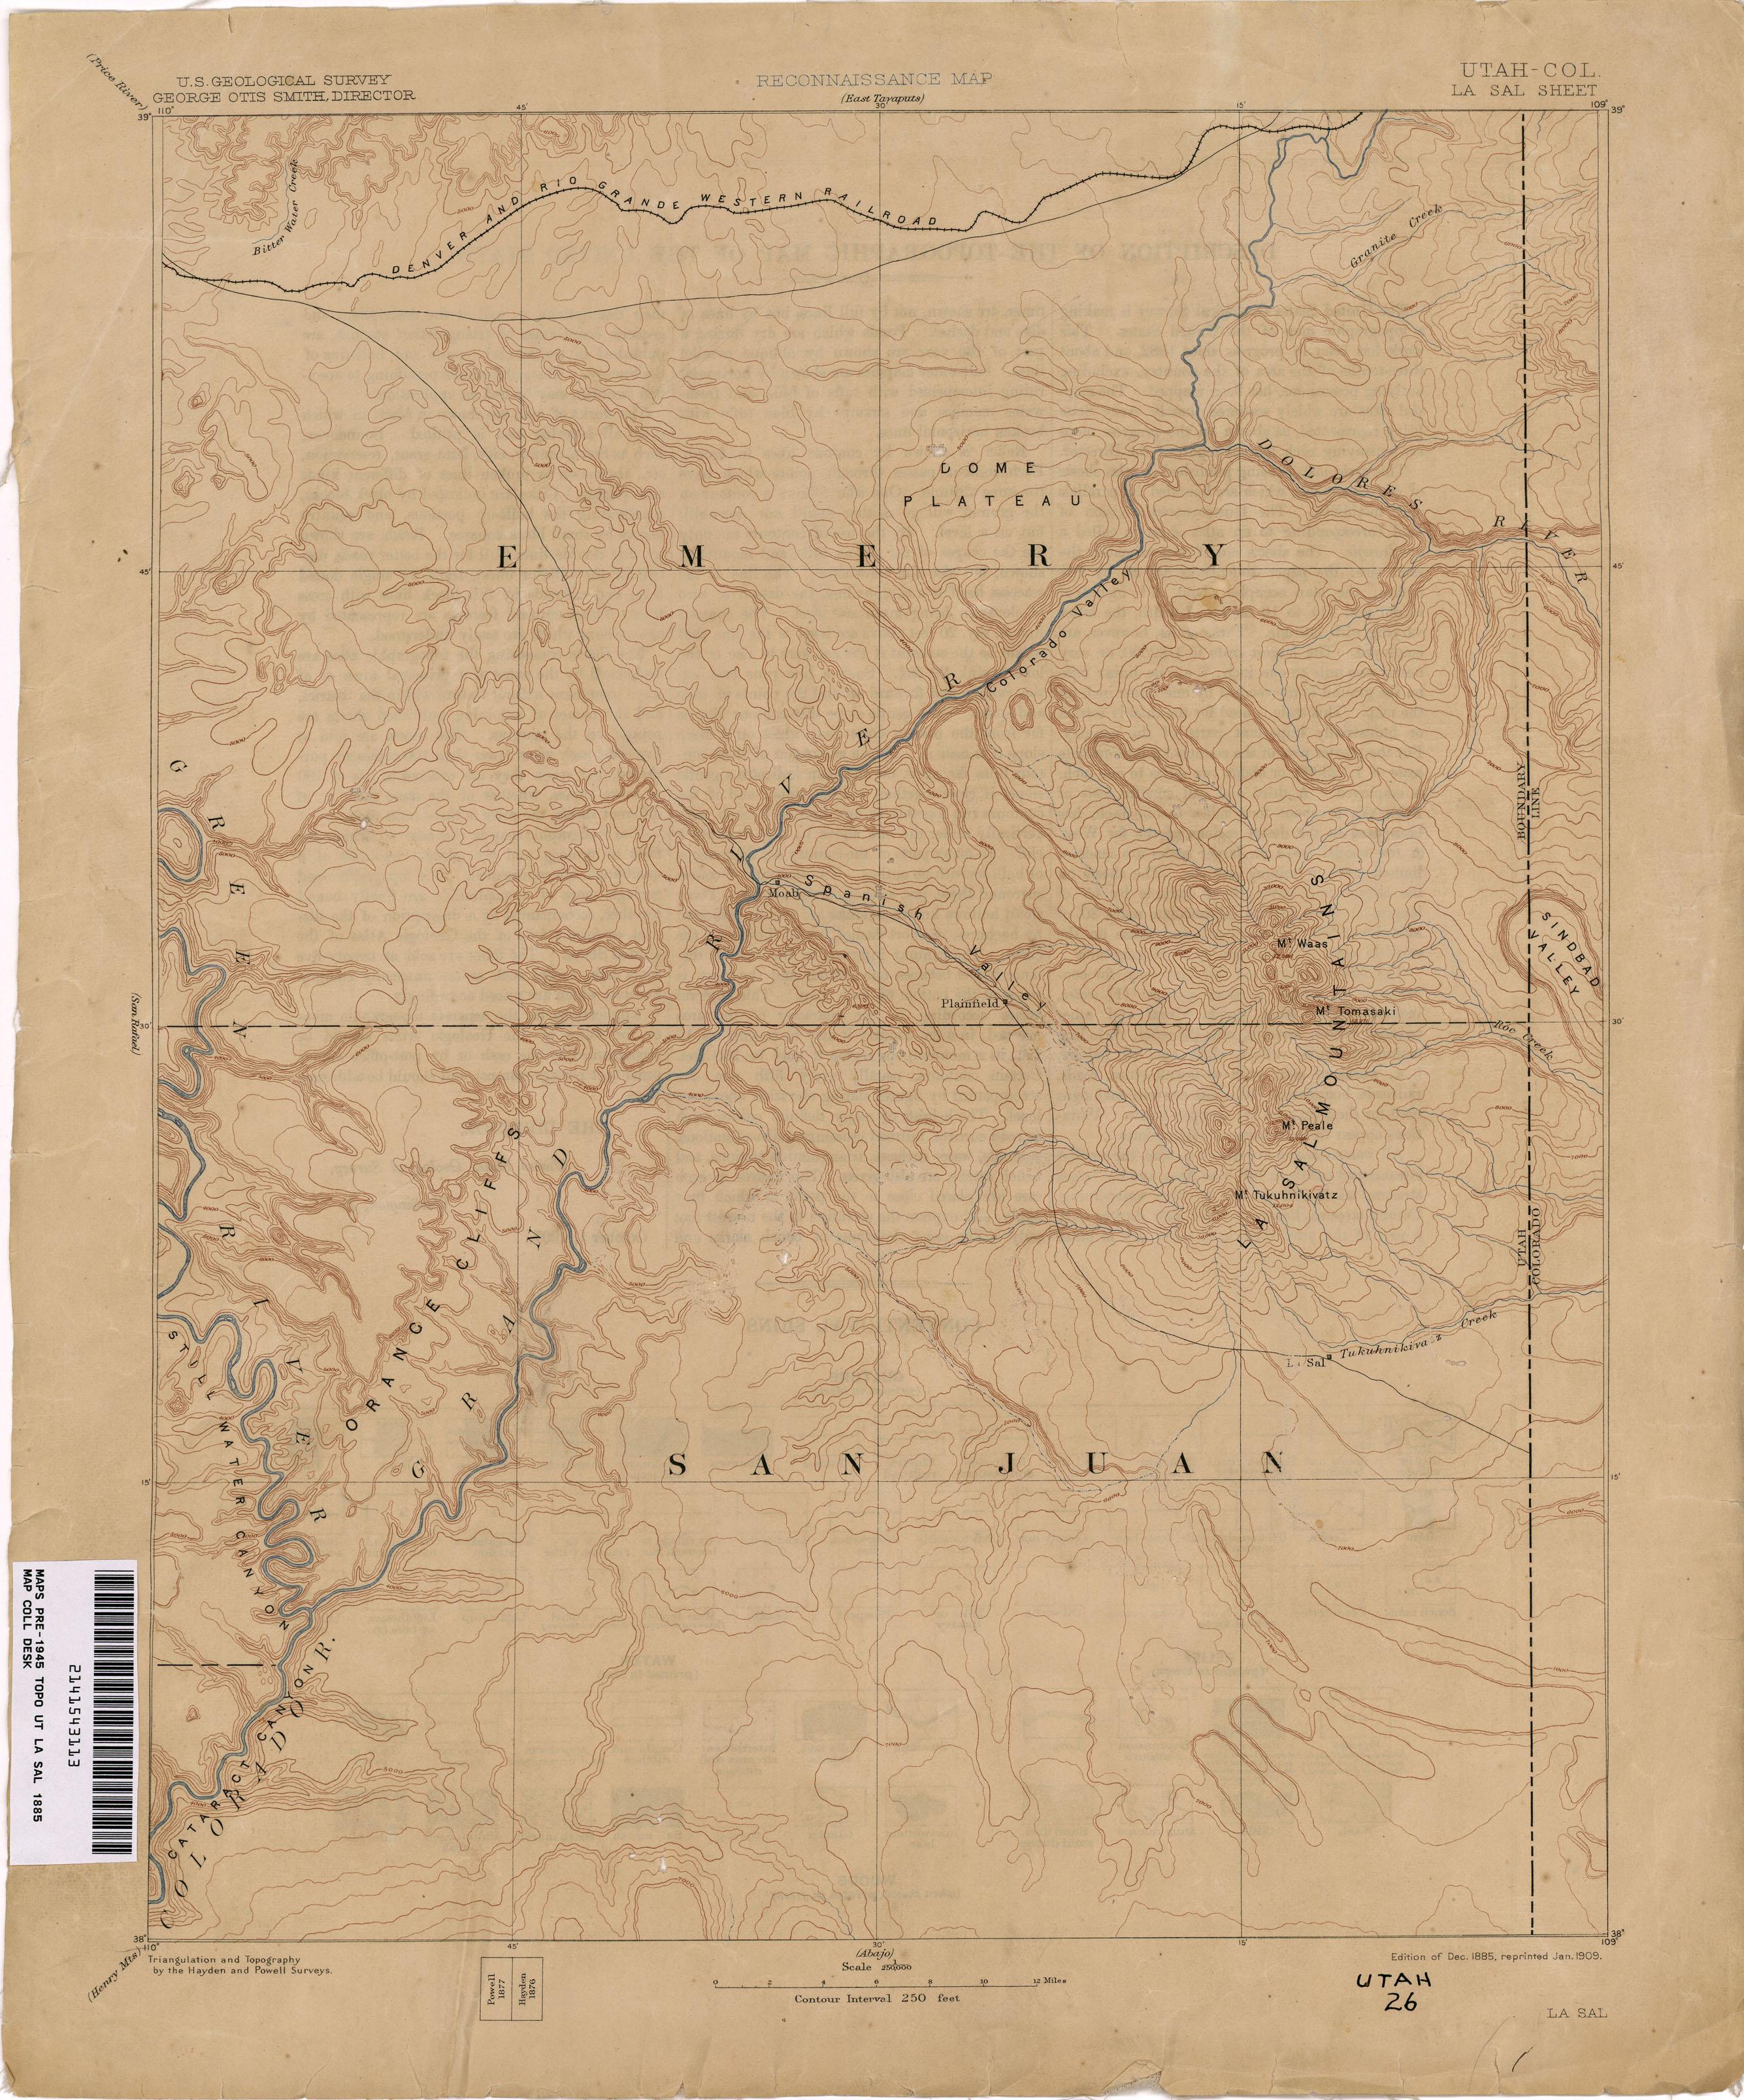 Colorado 1885 1 250 000 1 7mb